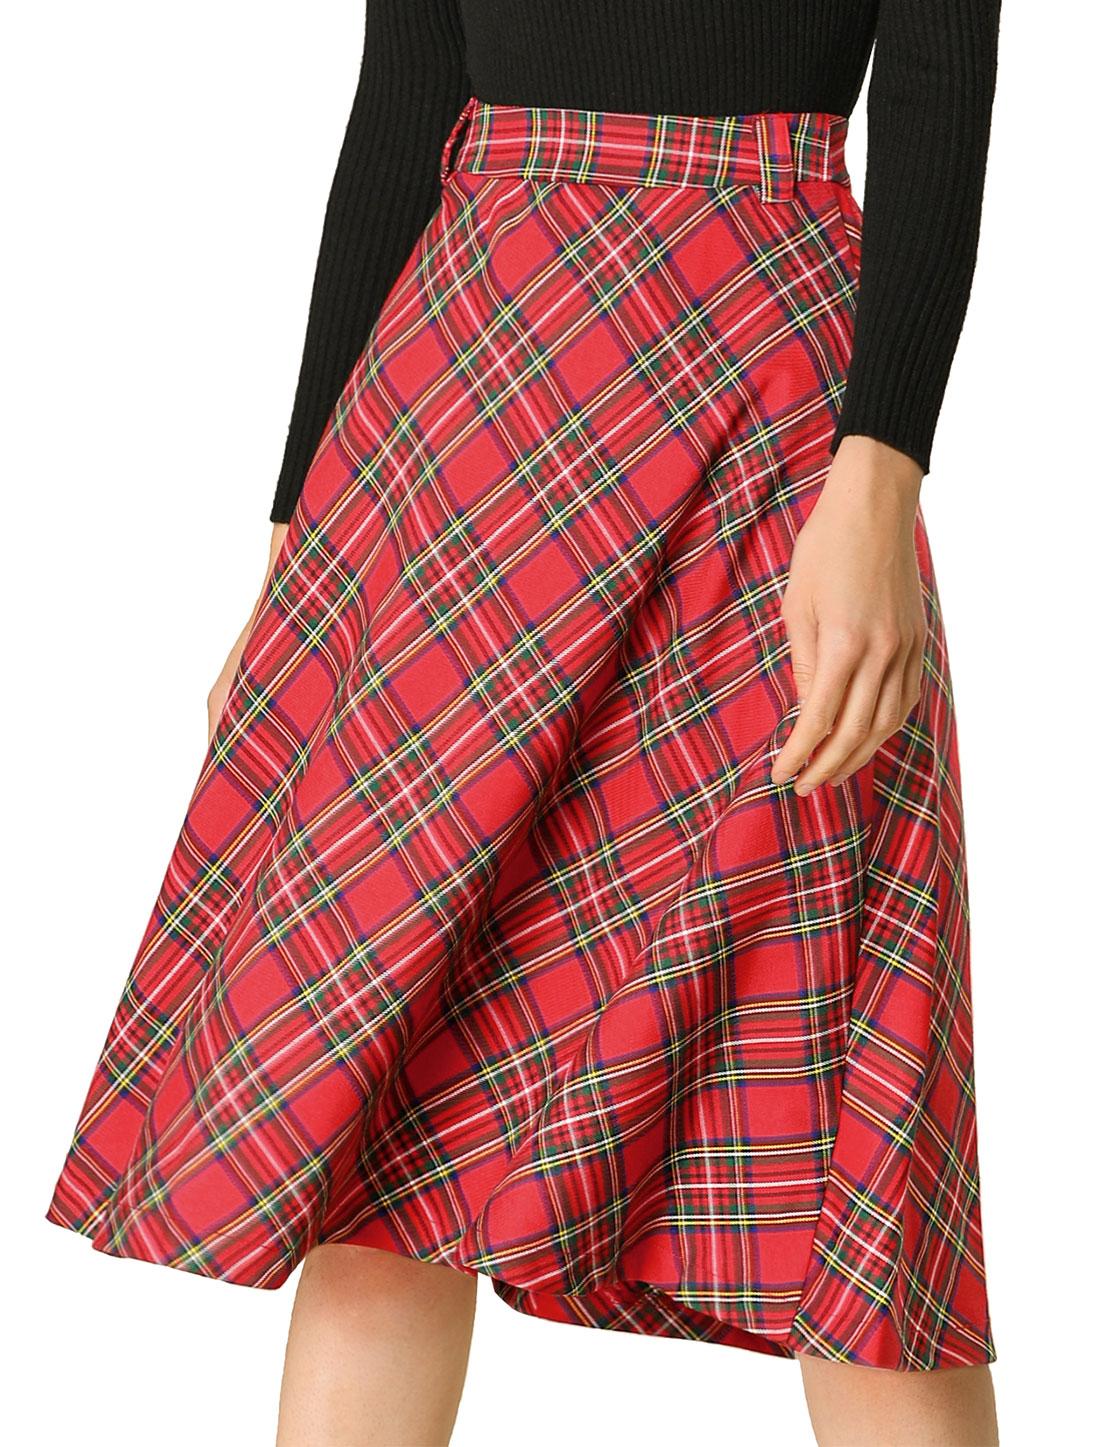 Allegra K Women's Plaid Checks Belted Swing Midi Skirt Red XS